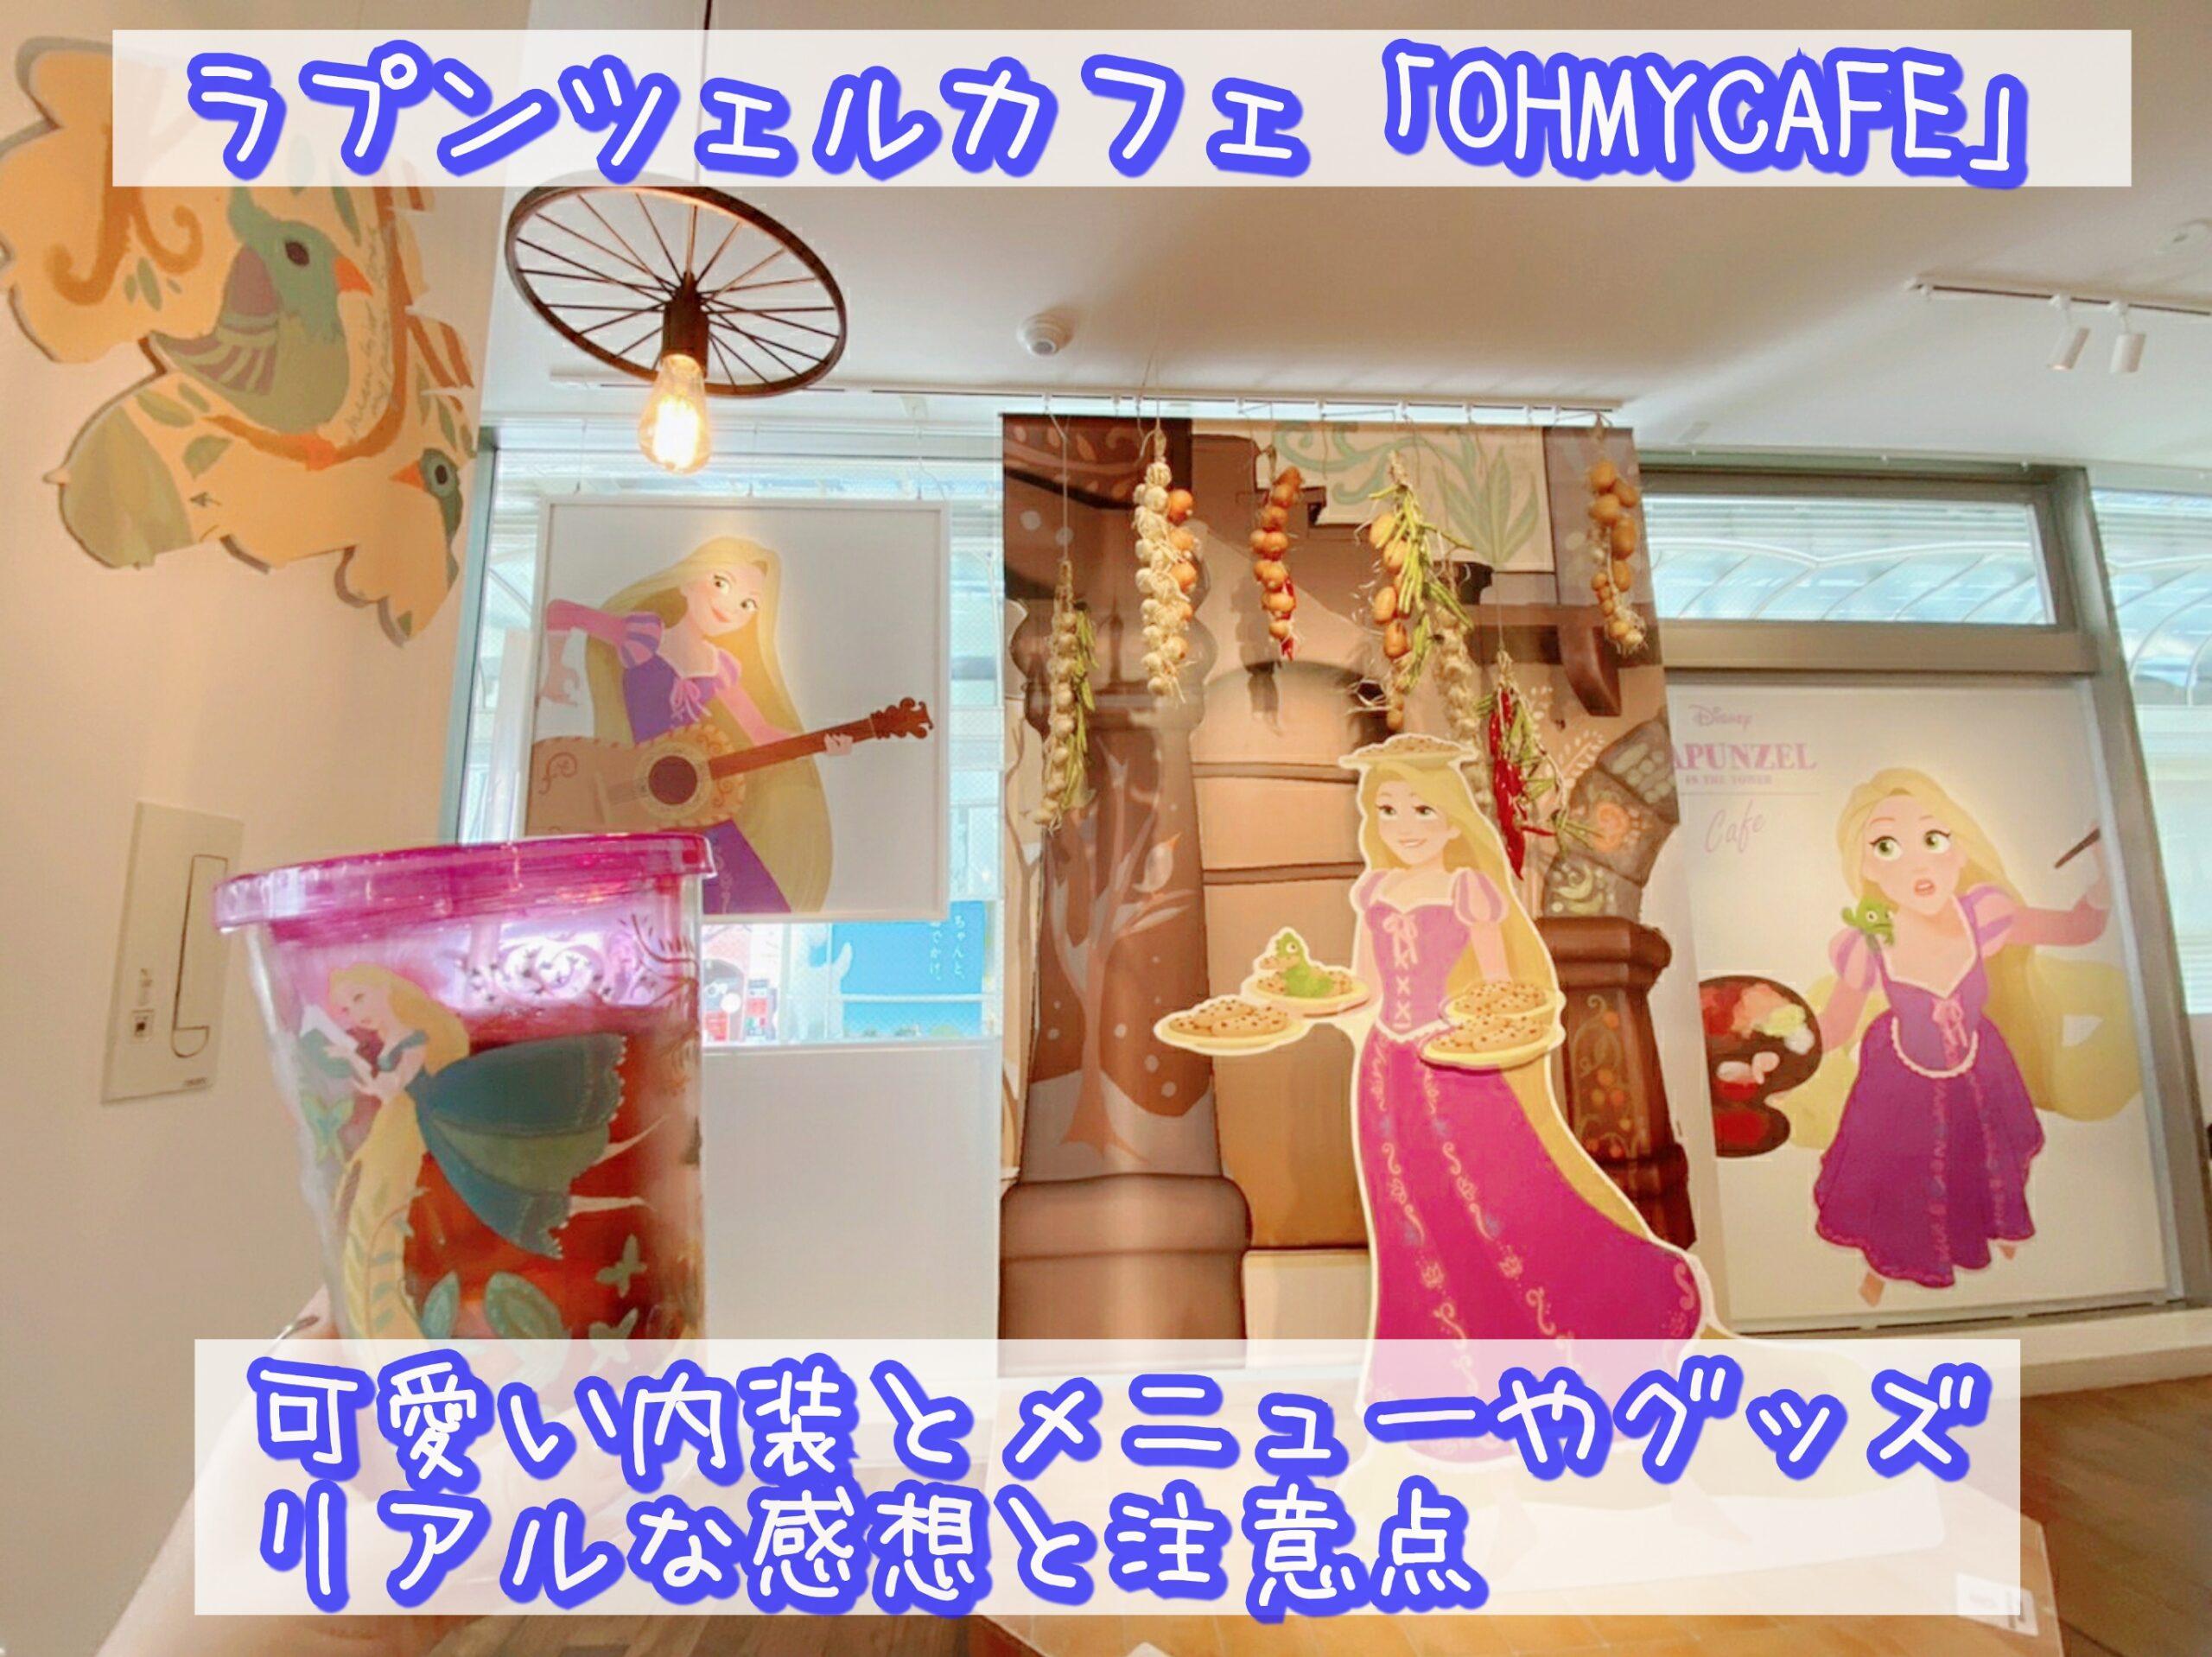 ラプンツェルカフェ「OHMYCAFE」可愛い内装とメニューやグッズ リアルな感想と注意点